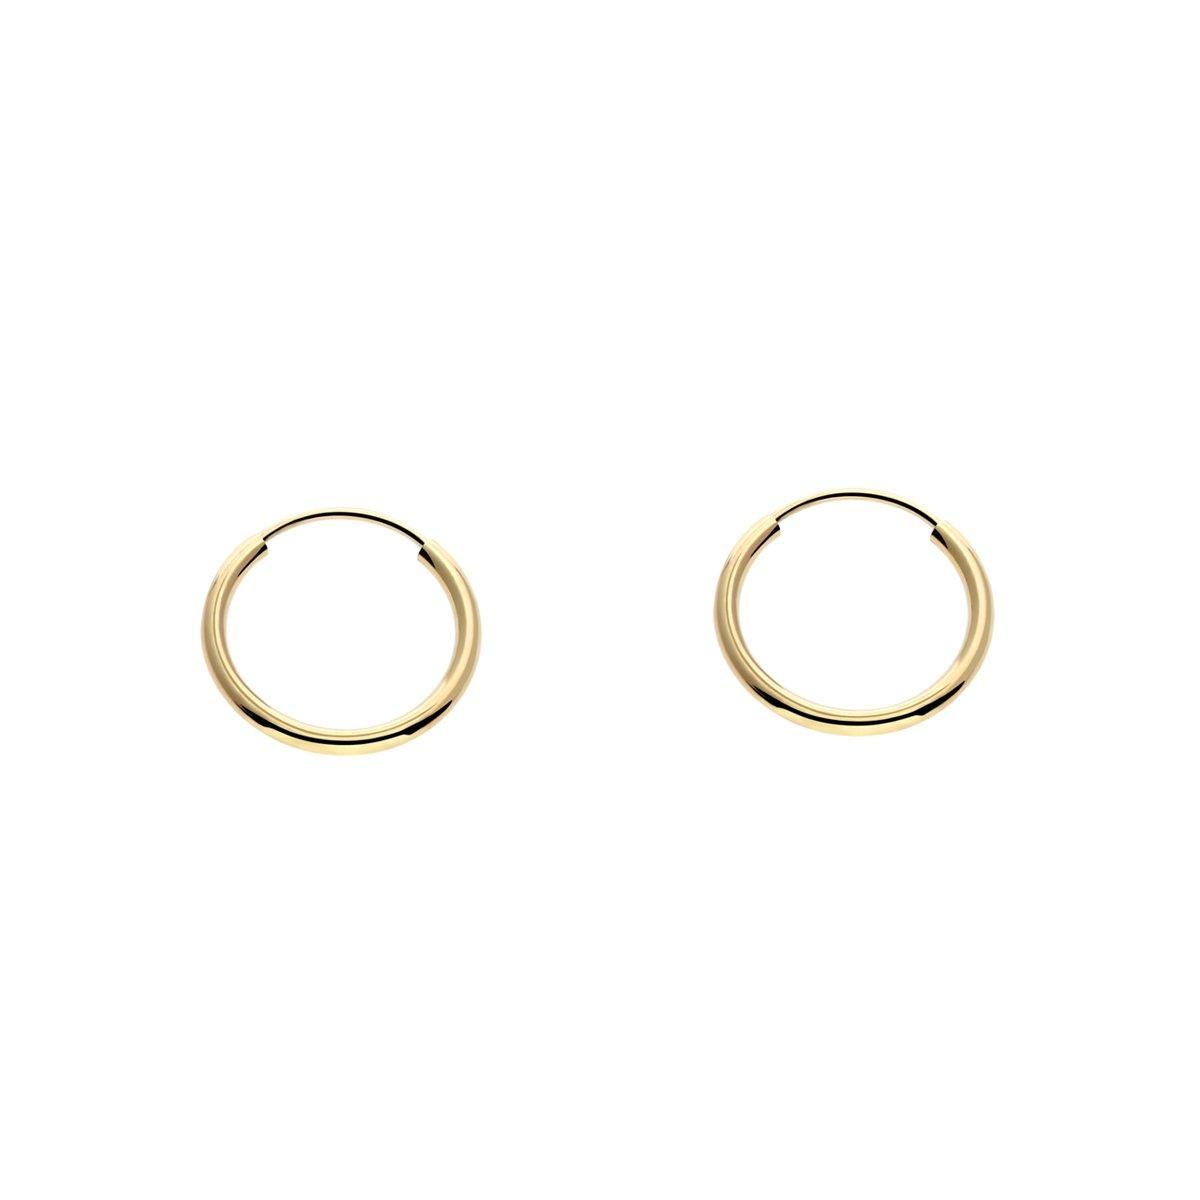 14k Yellow Gold Endless Hoop Earrings 10mm